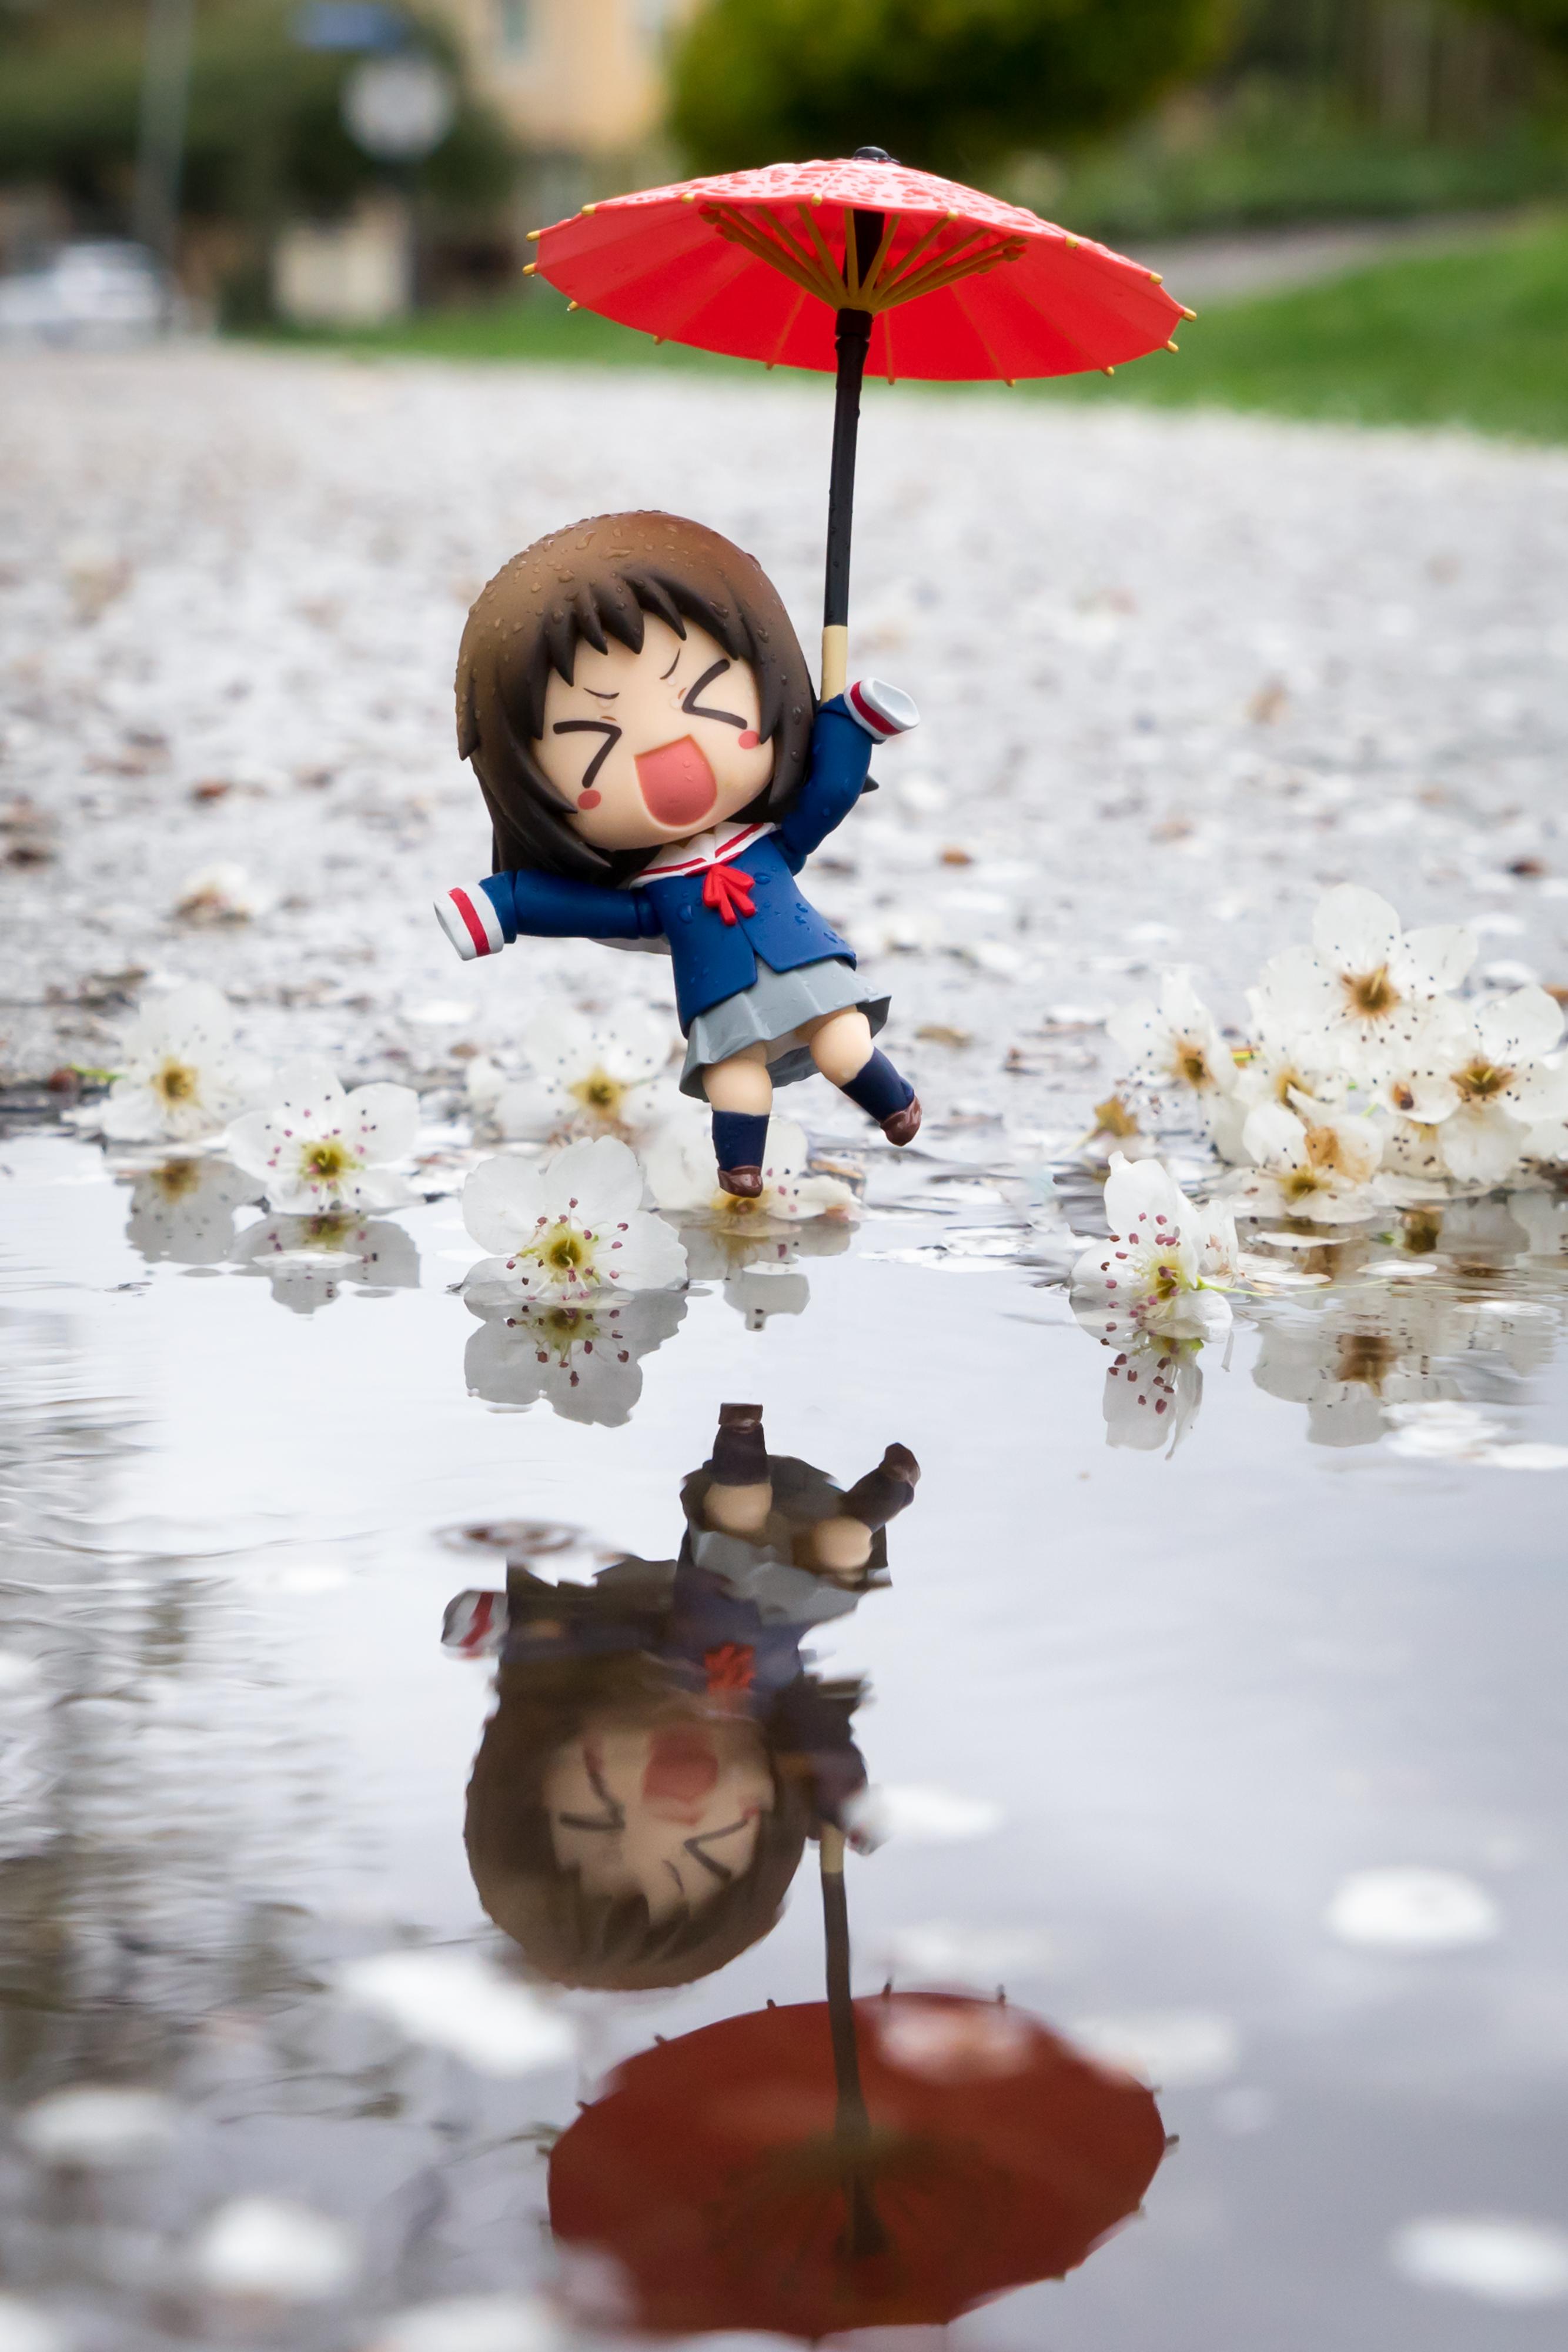 nendoroid good_smile_company nendoron udono_kazuyoshi ichijinsha yune ikoku_meiro_no_croisée mikakunin_de_shinkoukei mitsumine_mashiro katahara_itashi arai_cherry